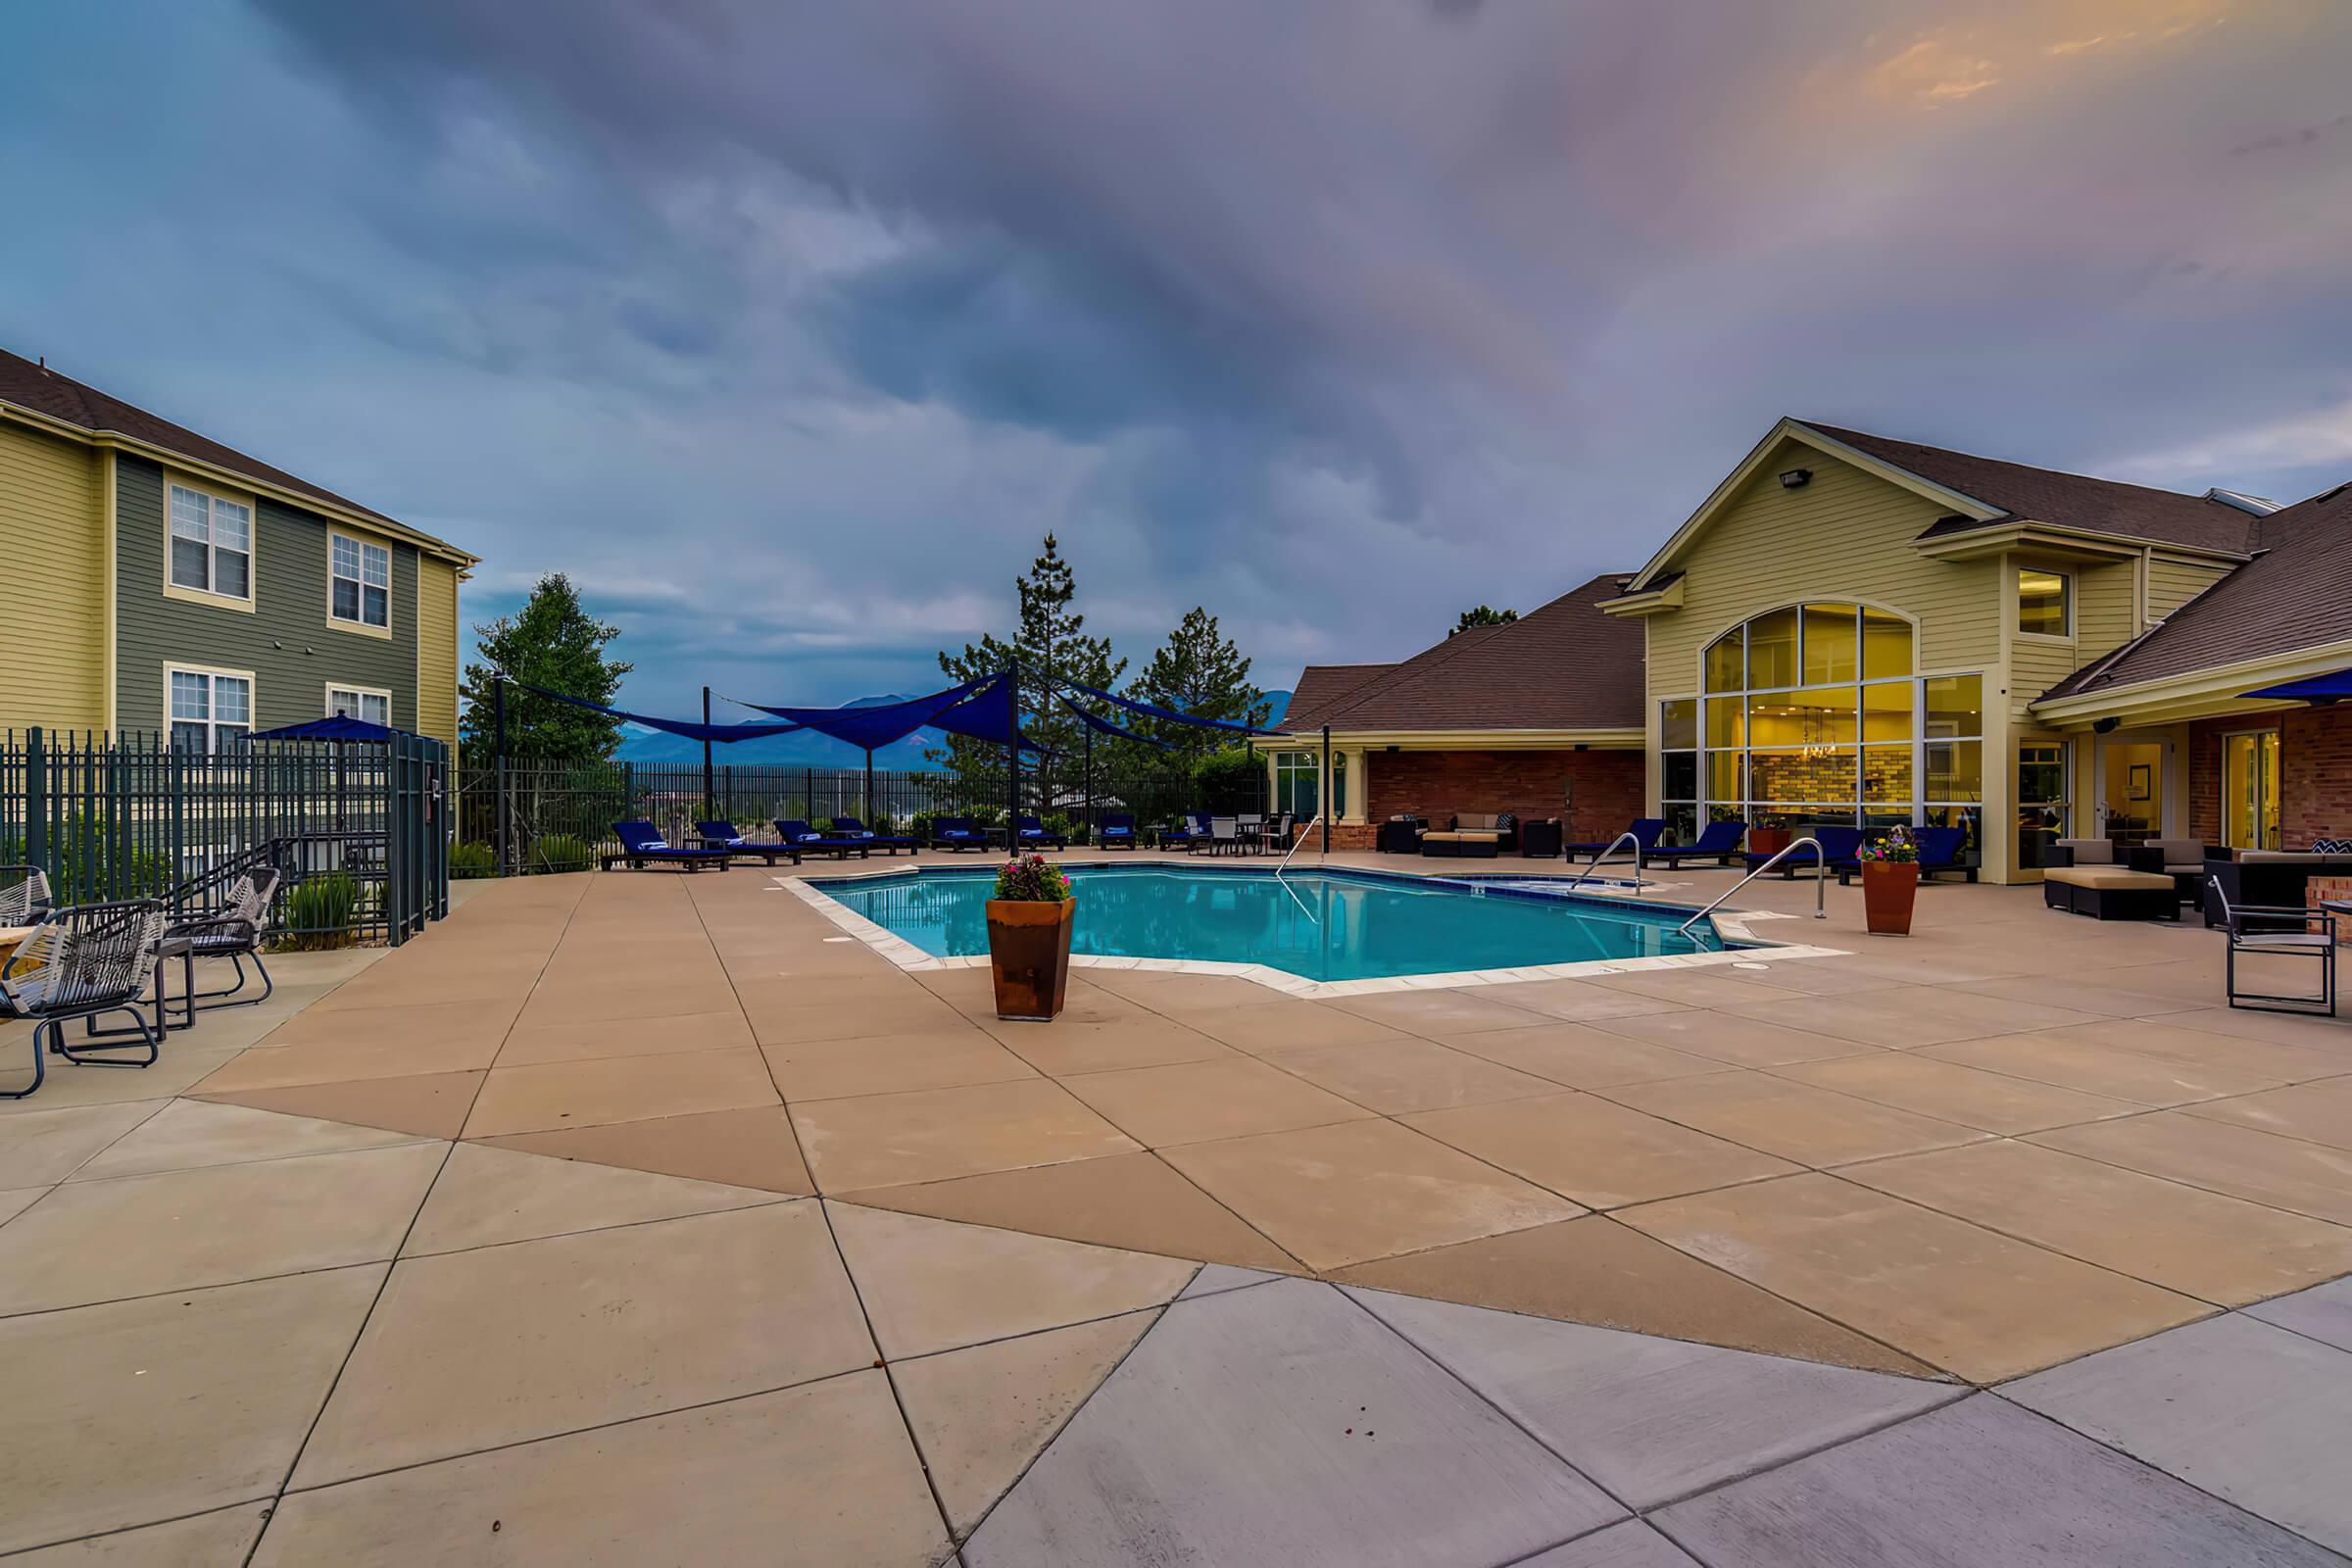 13631 Shepard Hts Colorado Springs CO - Web Quality - 038 - 45 Pool.jpg